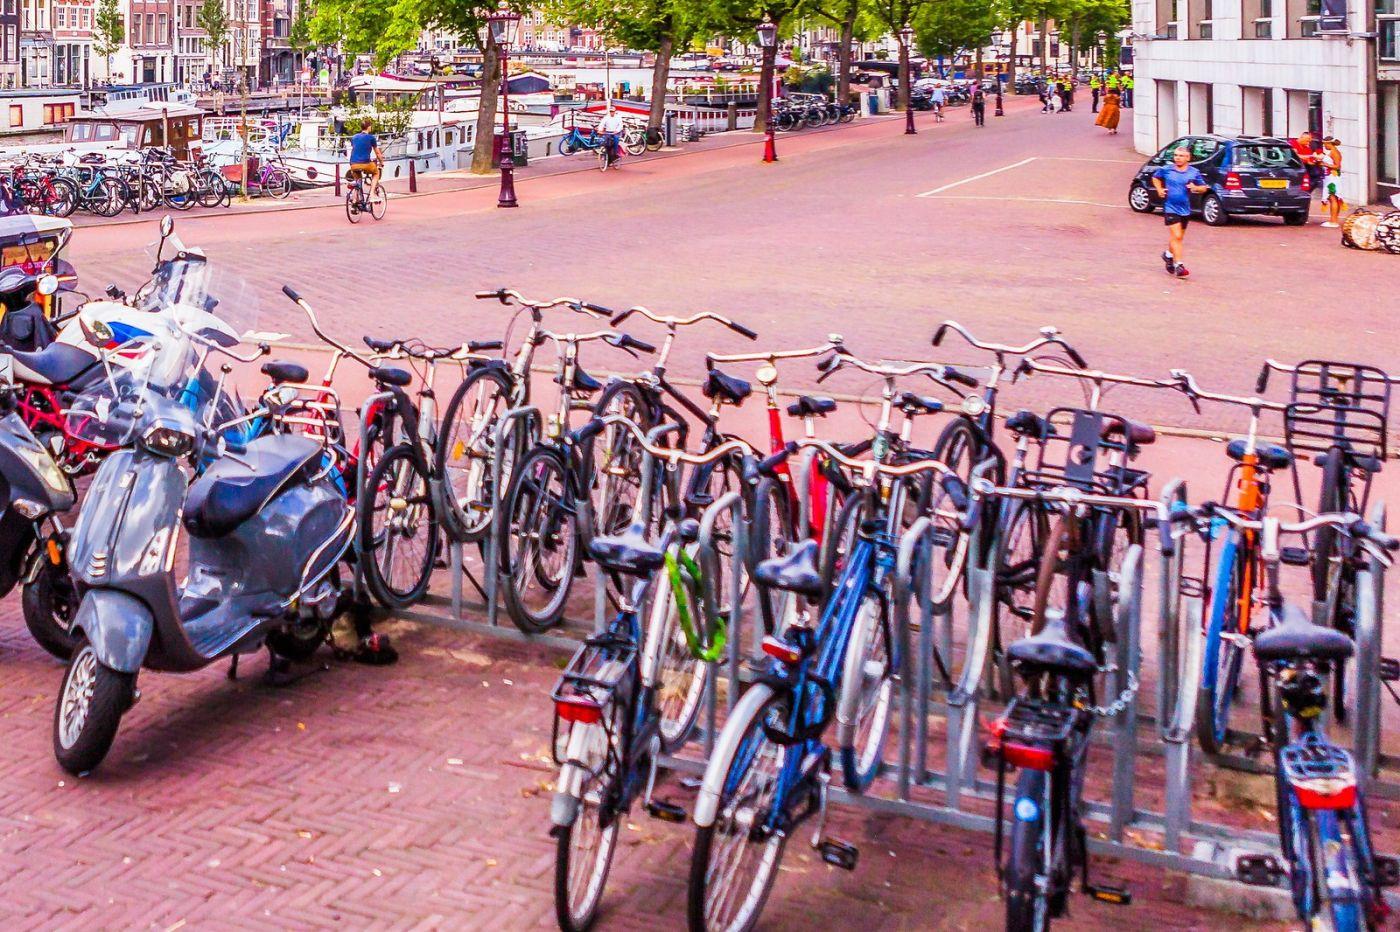 荷兰阿姆斯特丹,扫街随拍_图1-2